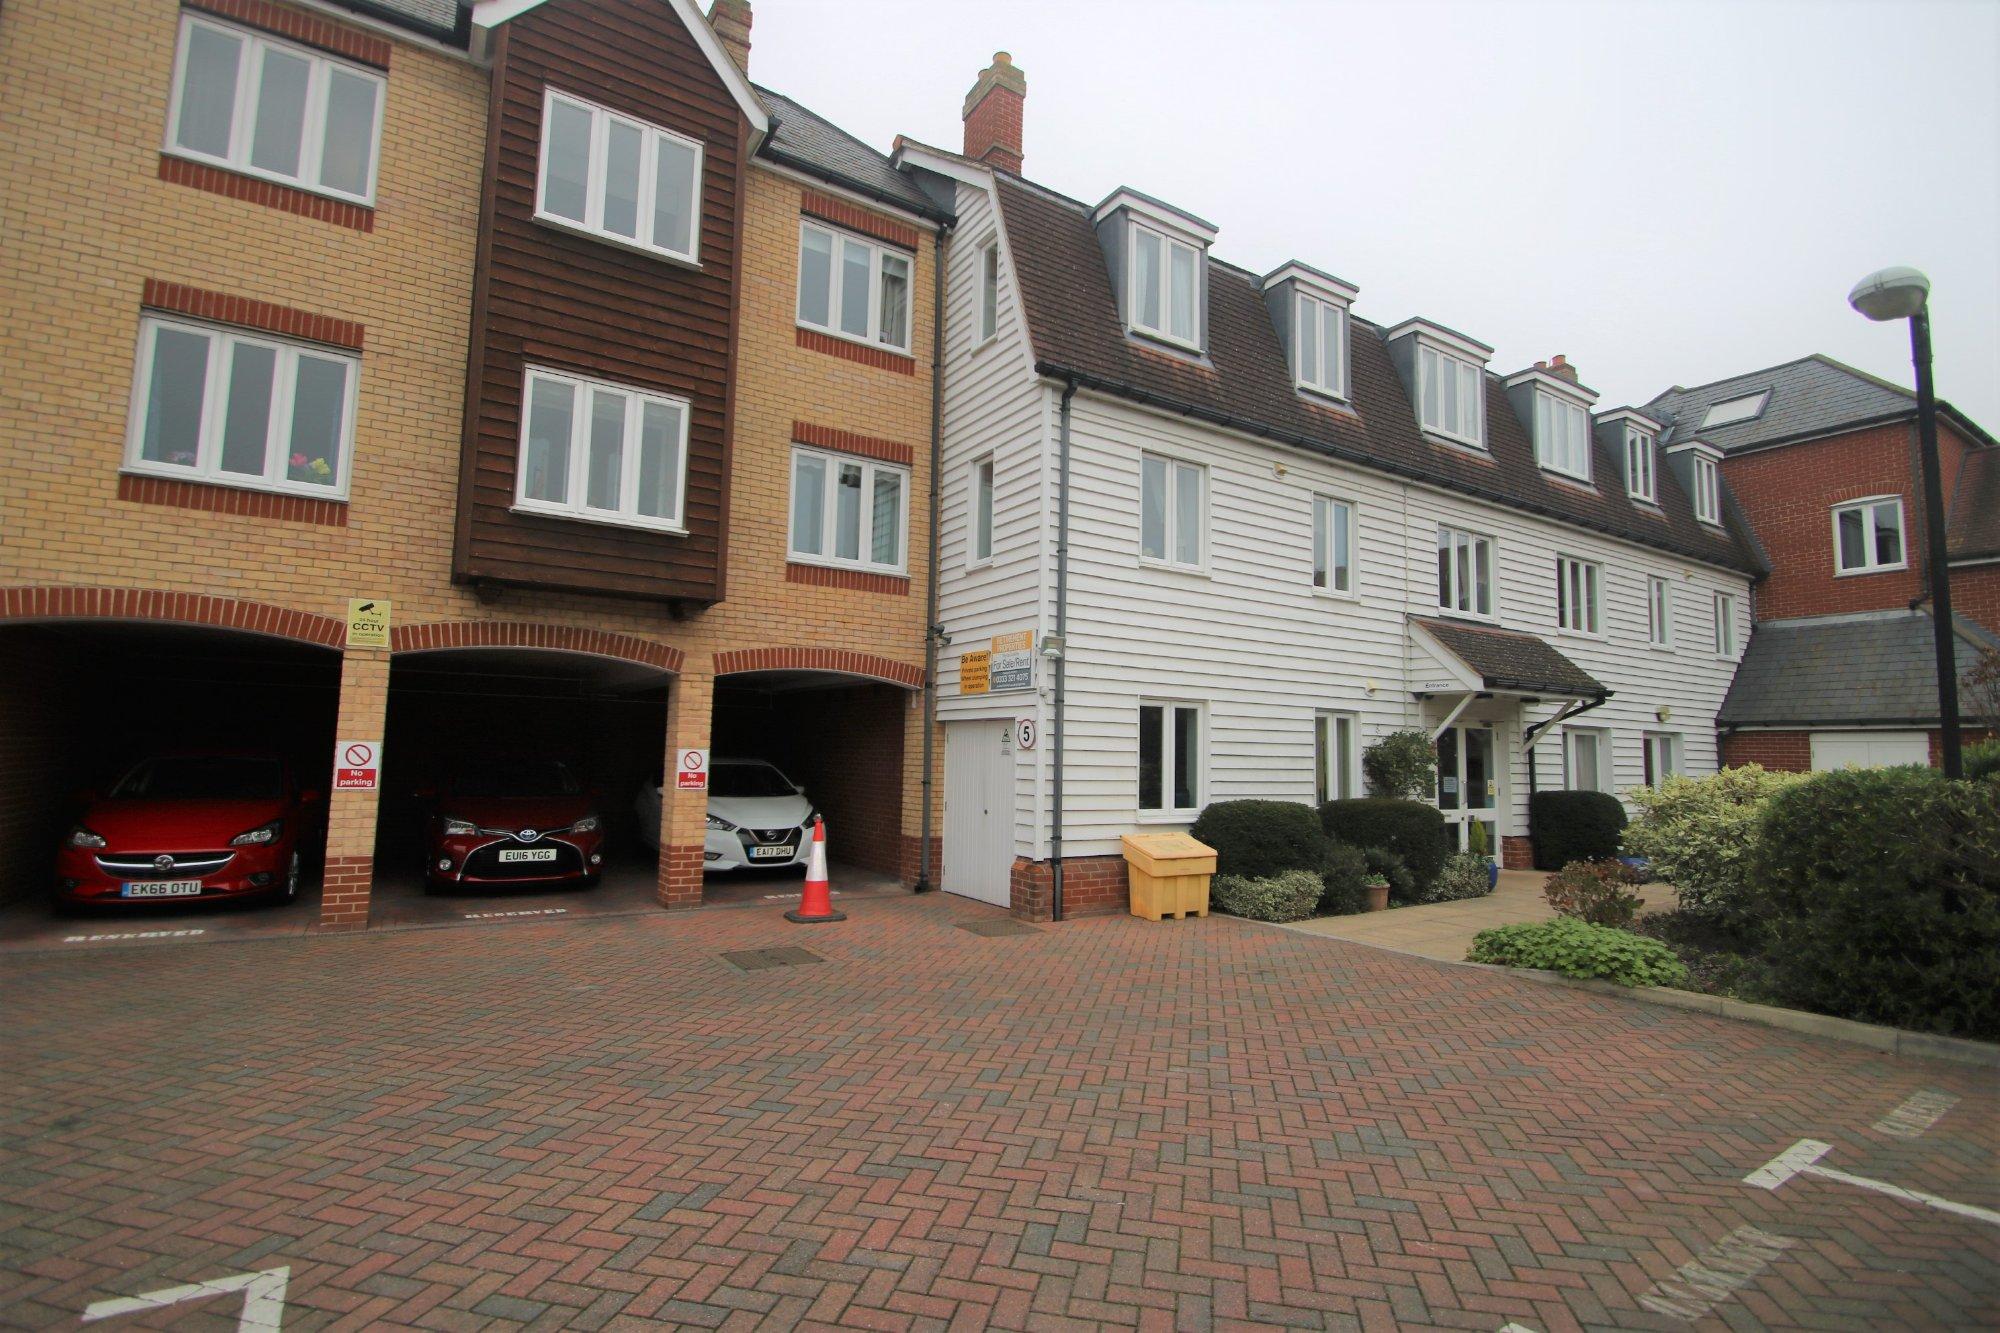 Ormond House, Roche Close, Rochford